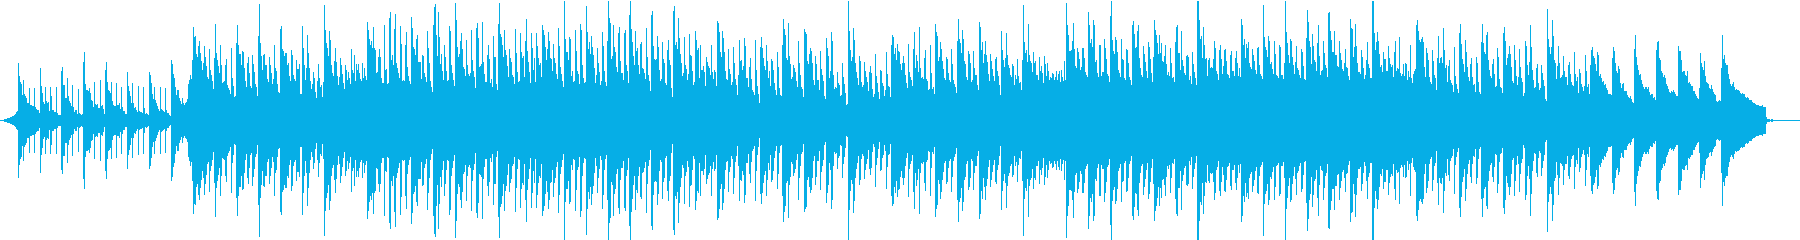 花畑とひまわりのピアノトロピカルハウスの再生済みの波形